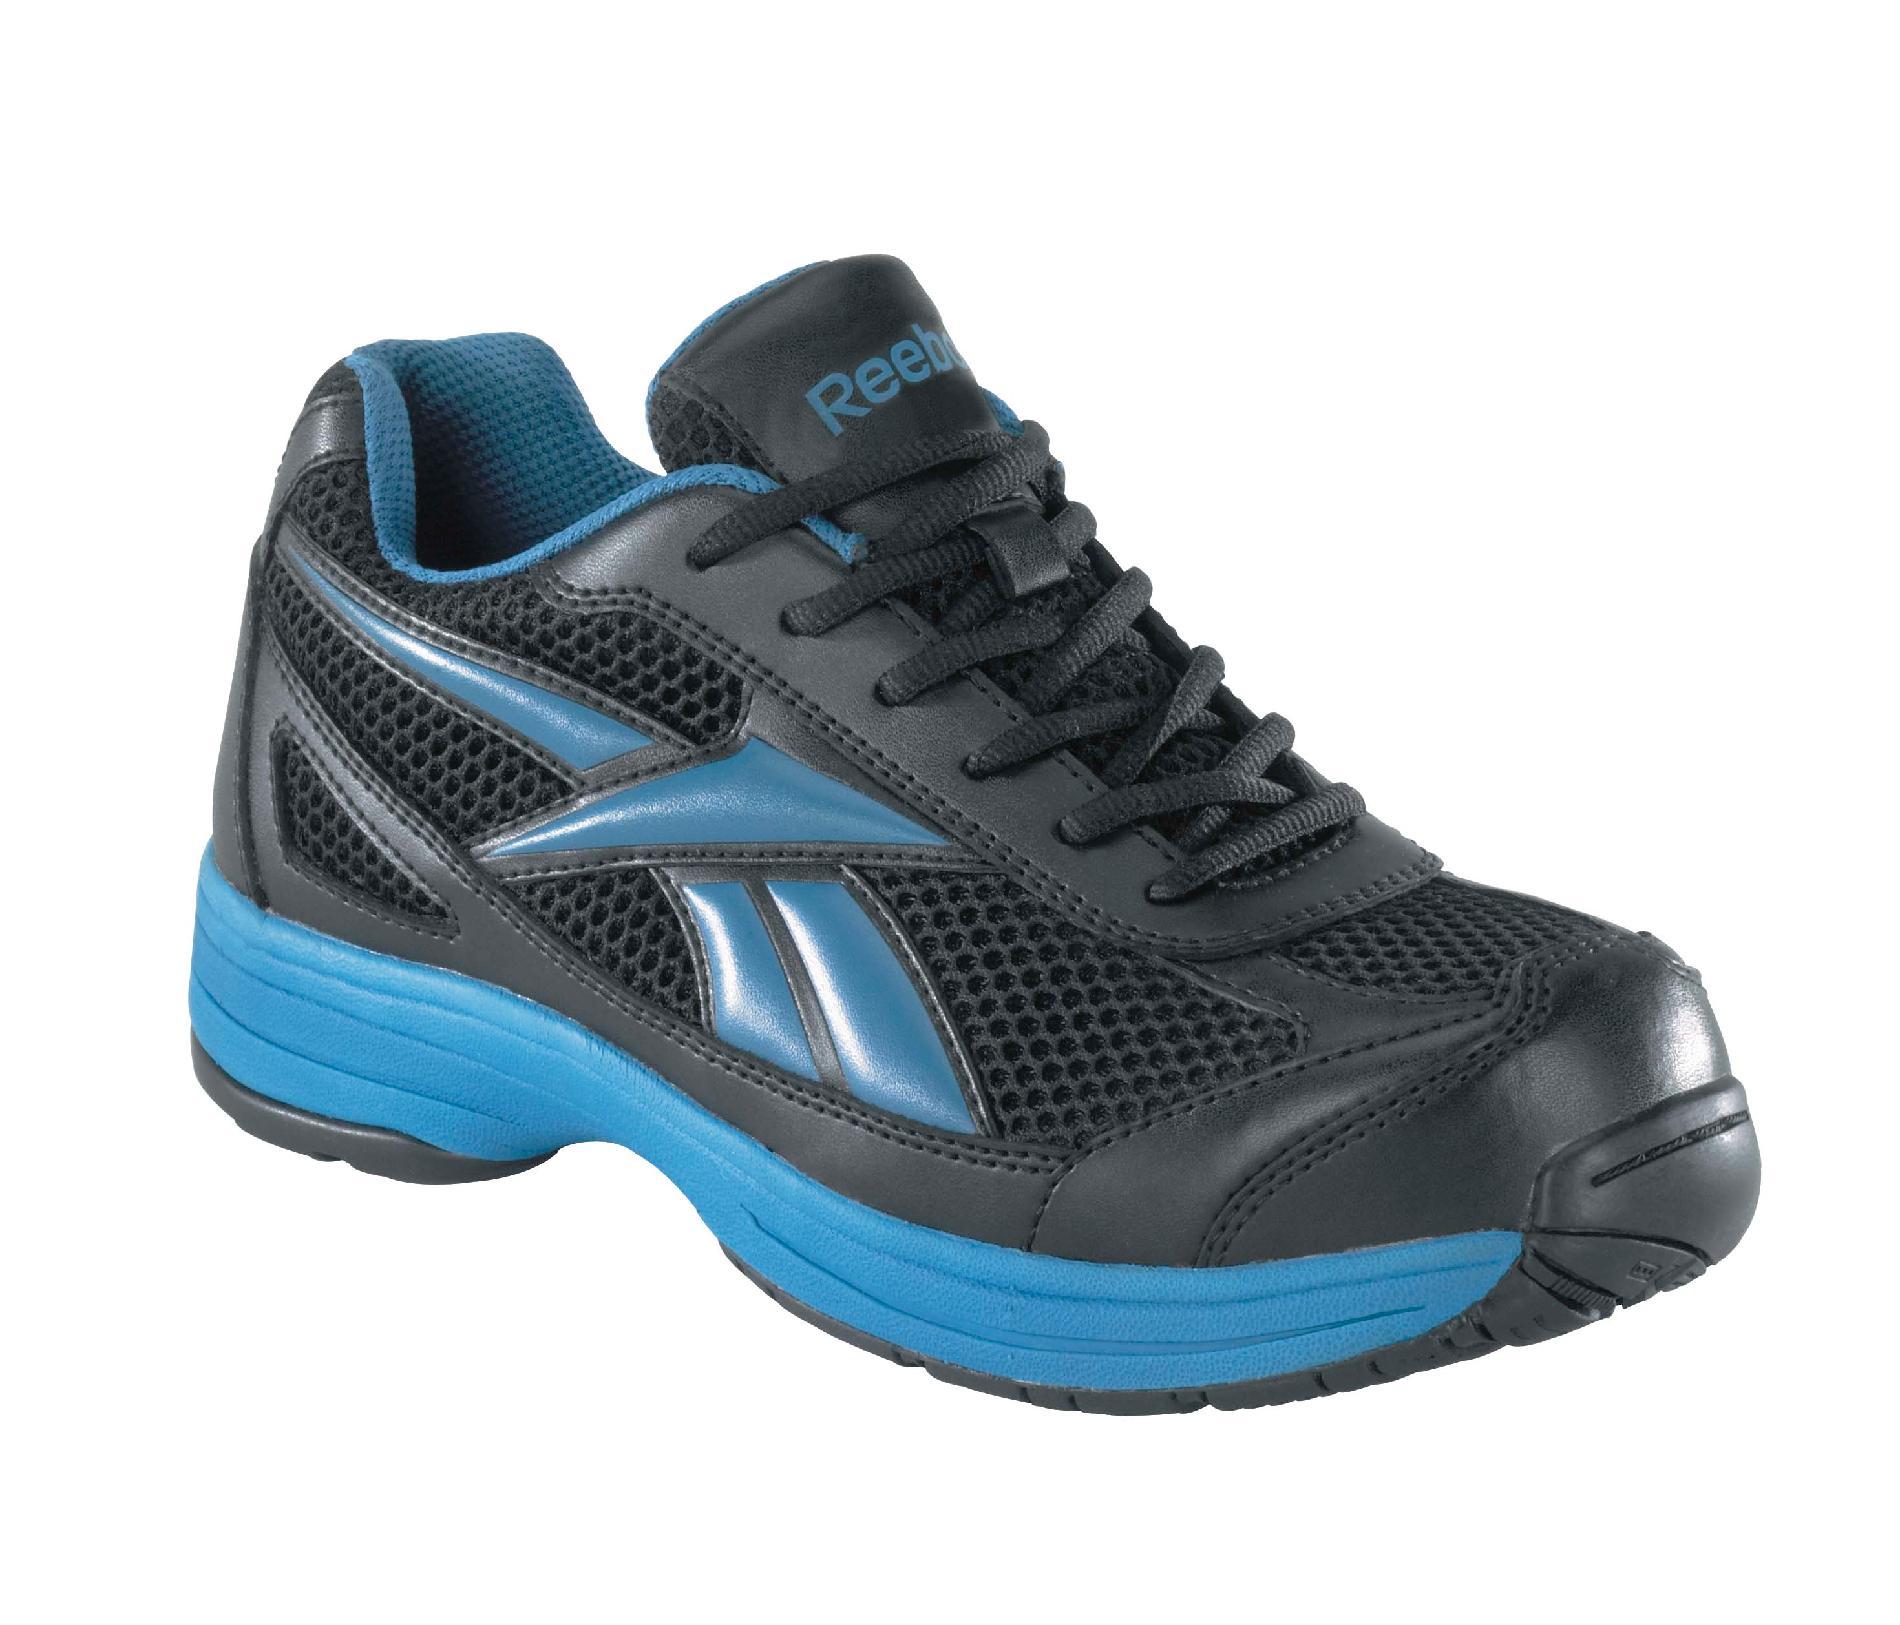 Reebok Men's blue and black Ketee steel toe athletic cross trainer